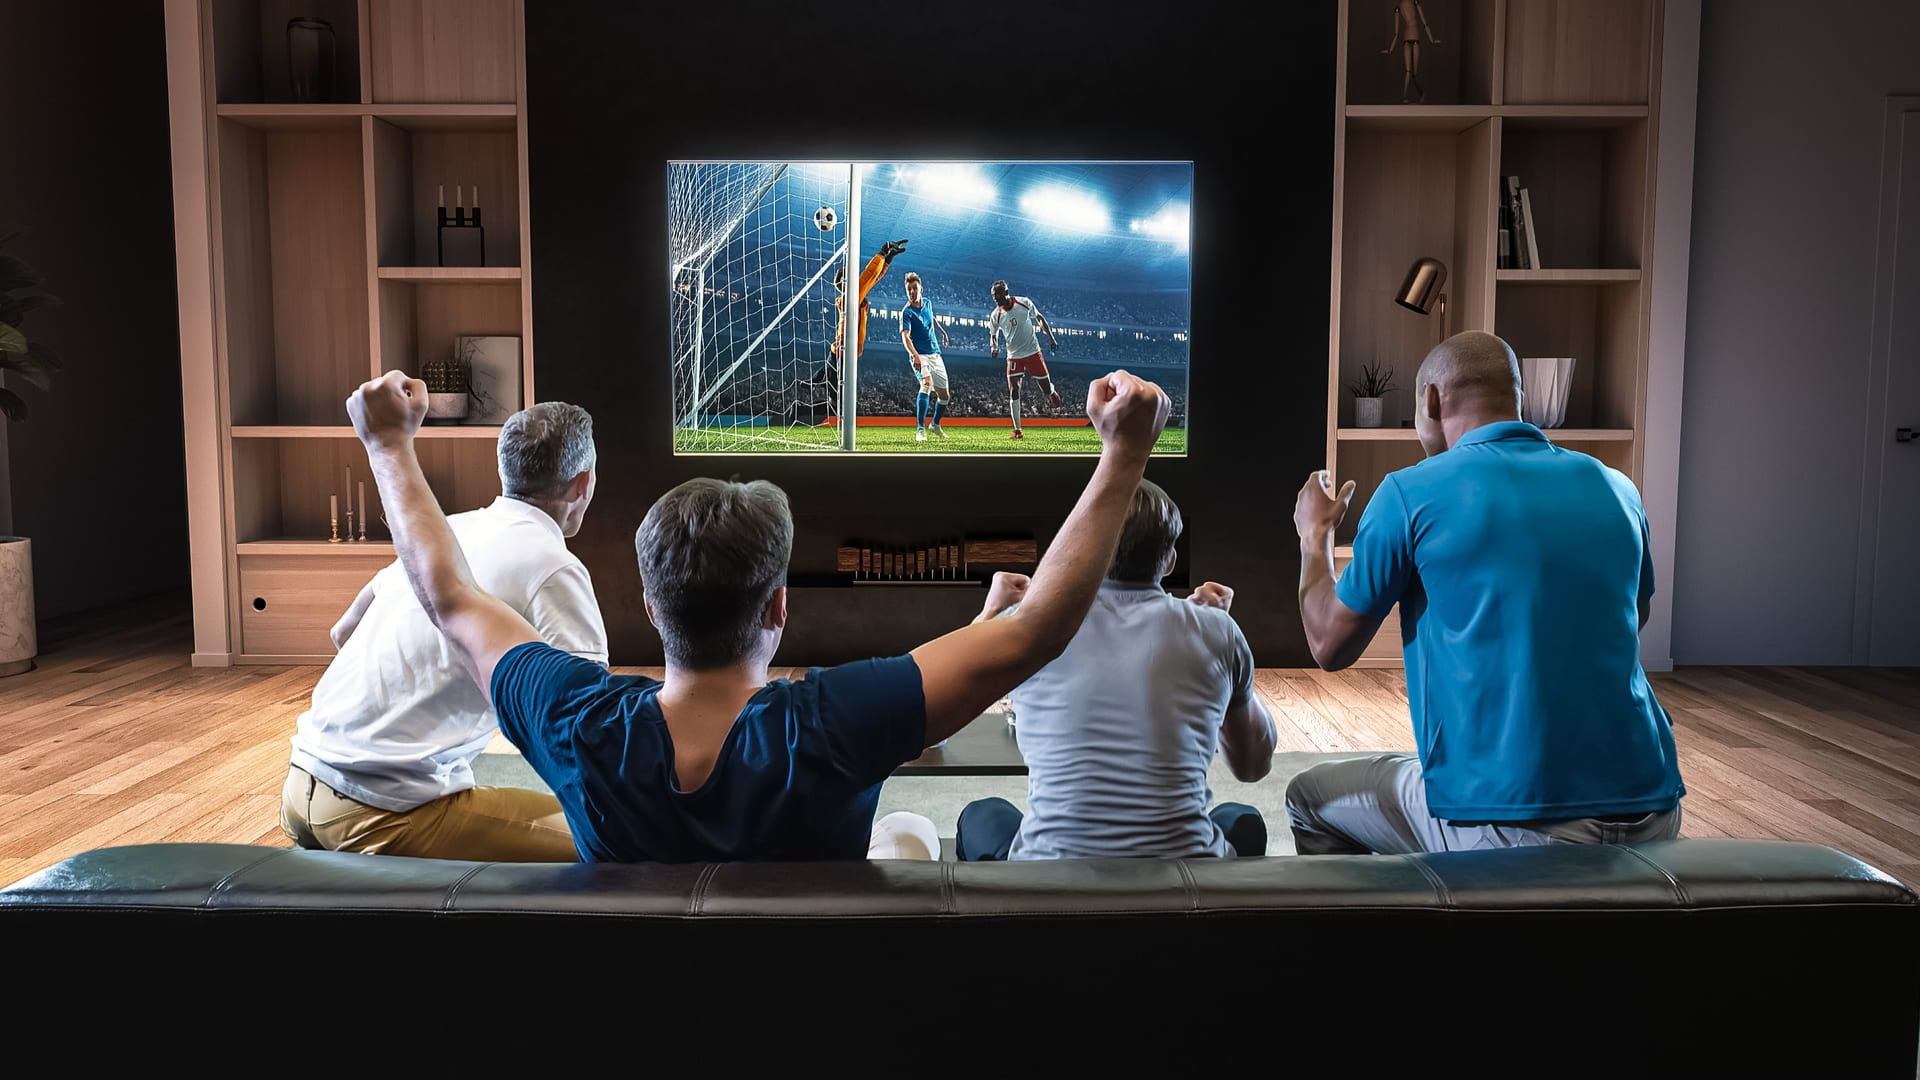 Saiba o que analisar em um aparelho se você ama assistir futebol na TV. (Imagem: Reprodução/Shutterstock)